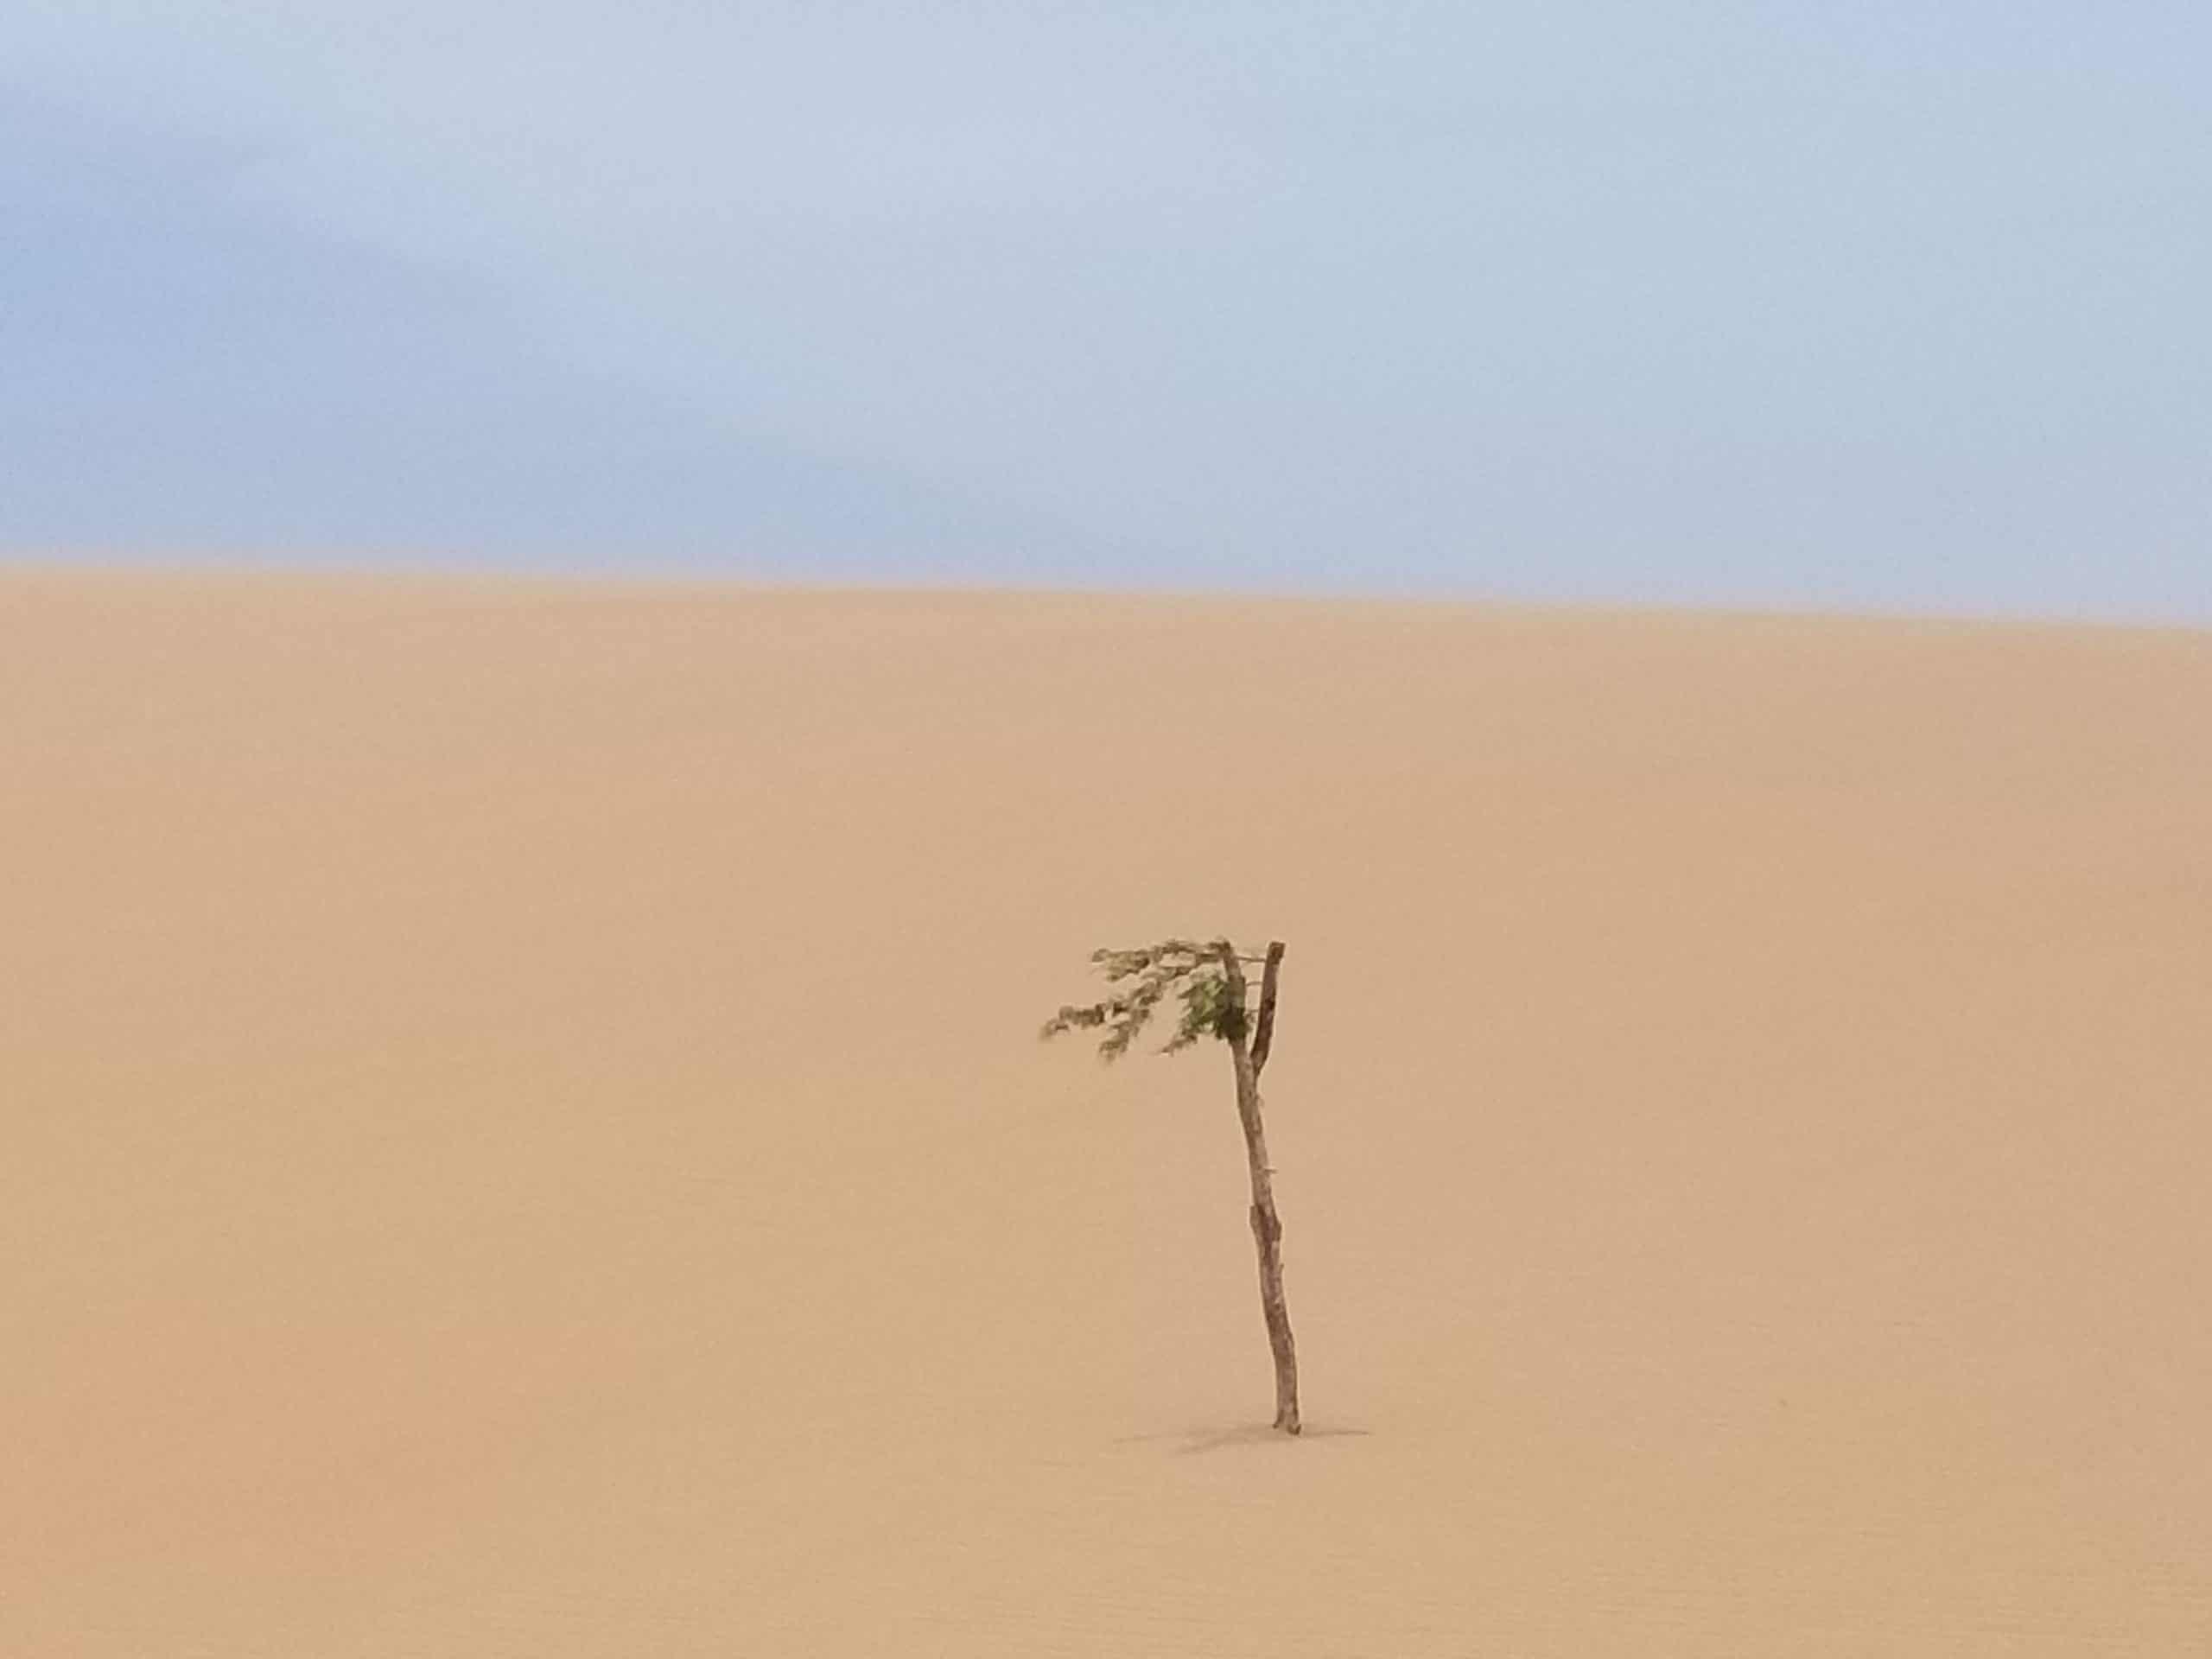 Etre climatosceptique est dangereux et irresponsable